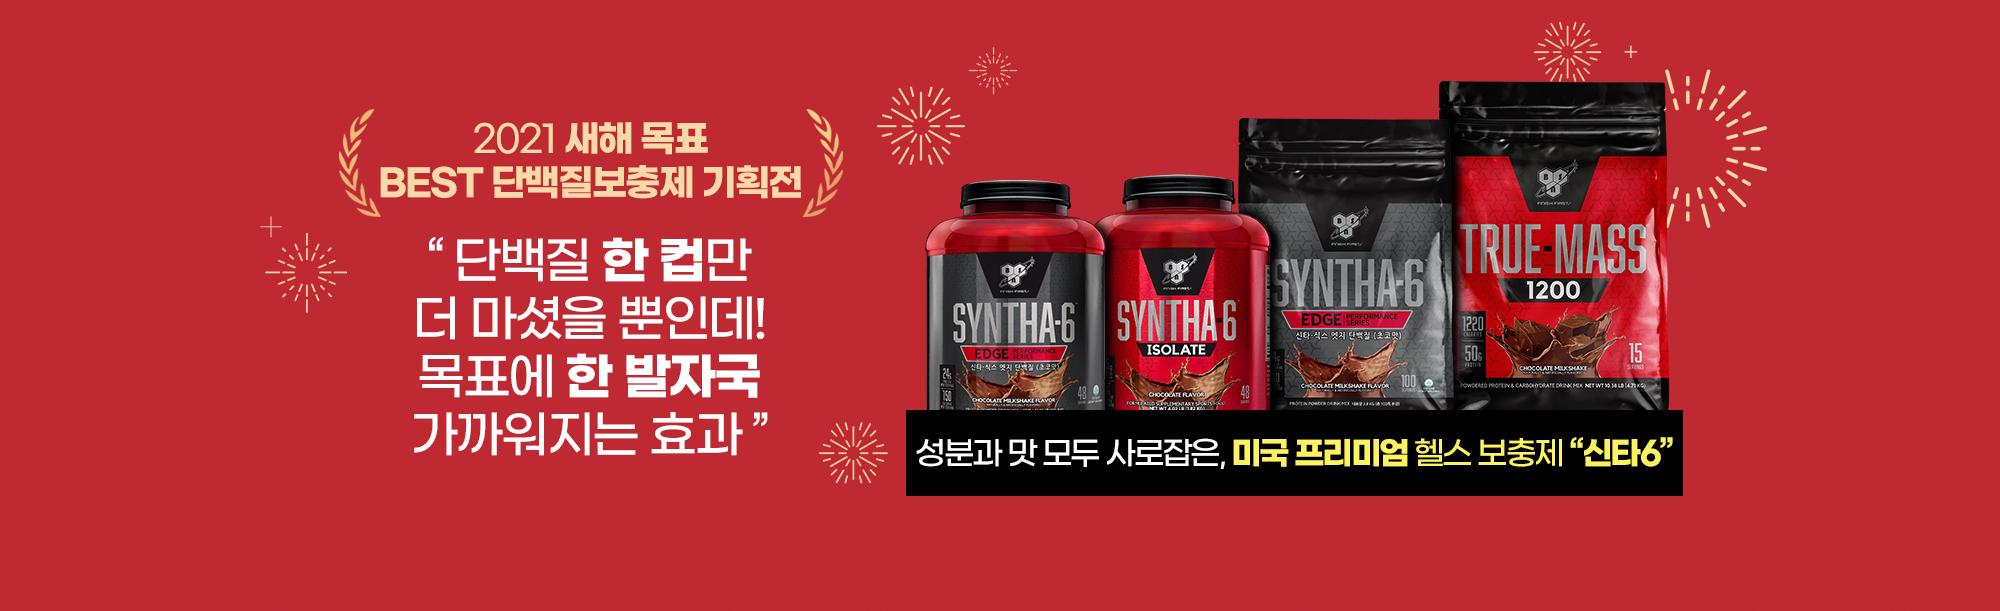 GPN몰 신타6 아이솔레이트 세일